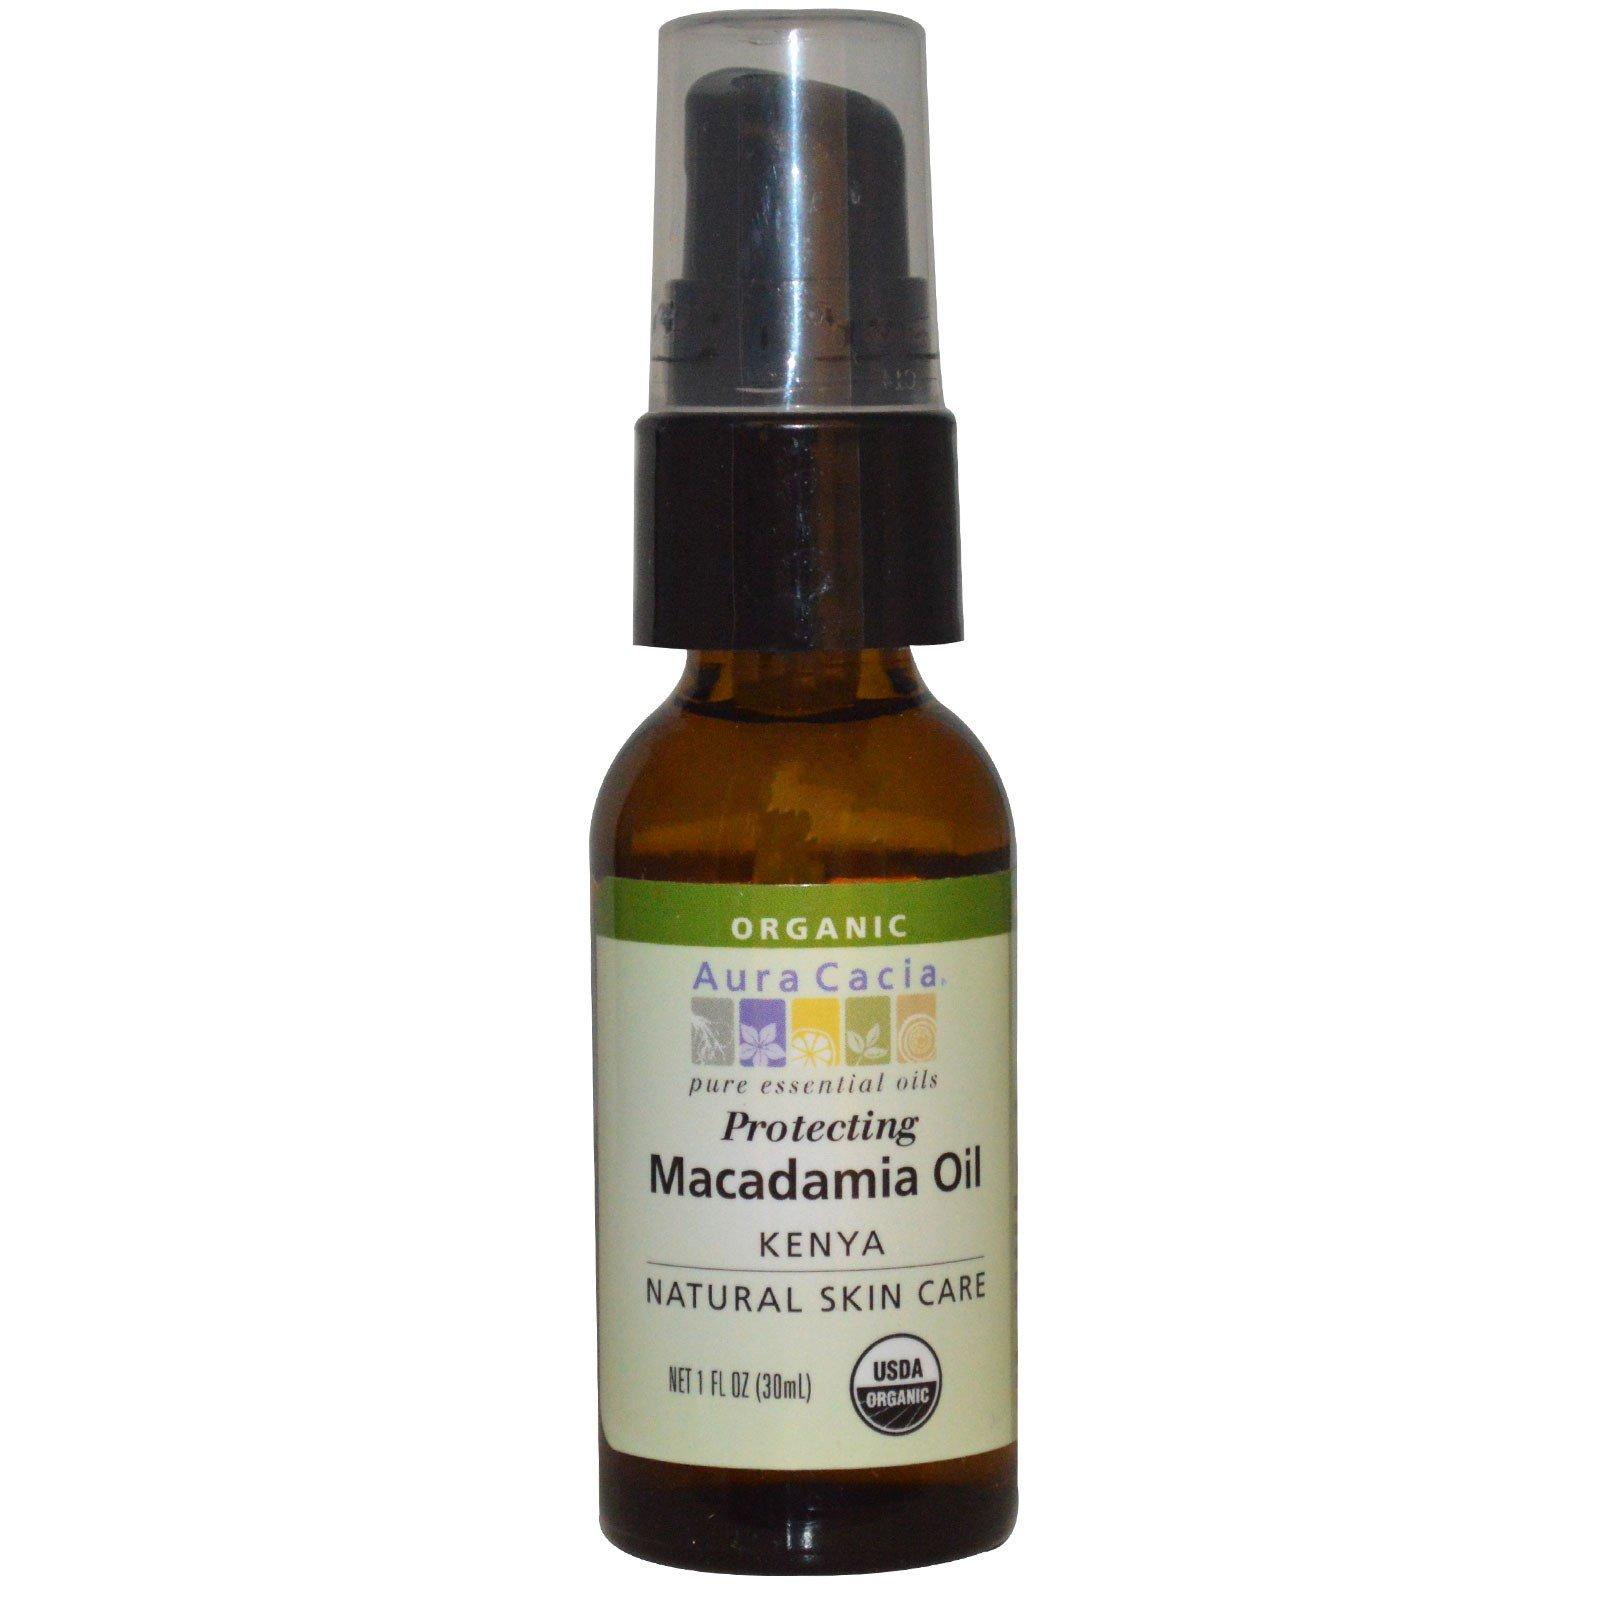 Aura Cacia, Органика, Натуральные средства для ухода за кожей, Масло макадамии, 1 жидкая унция (30 мл)